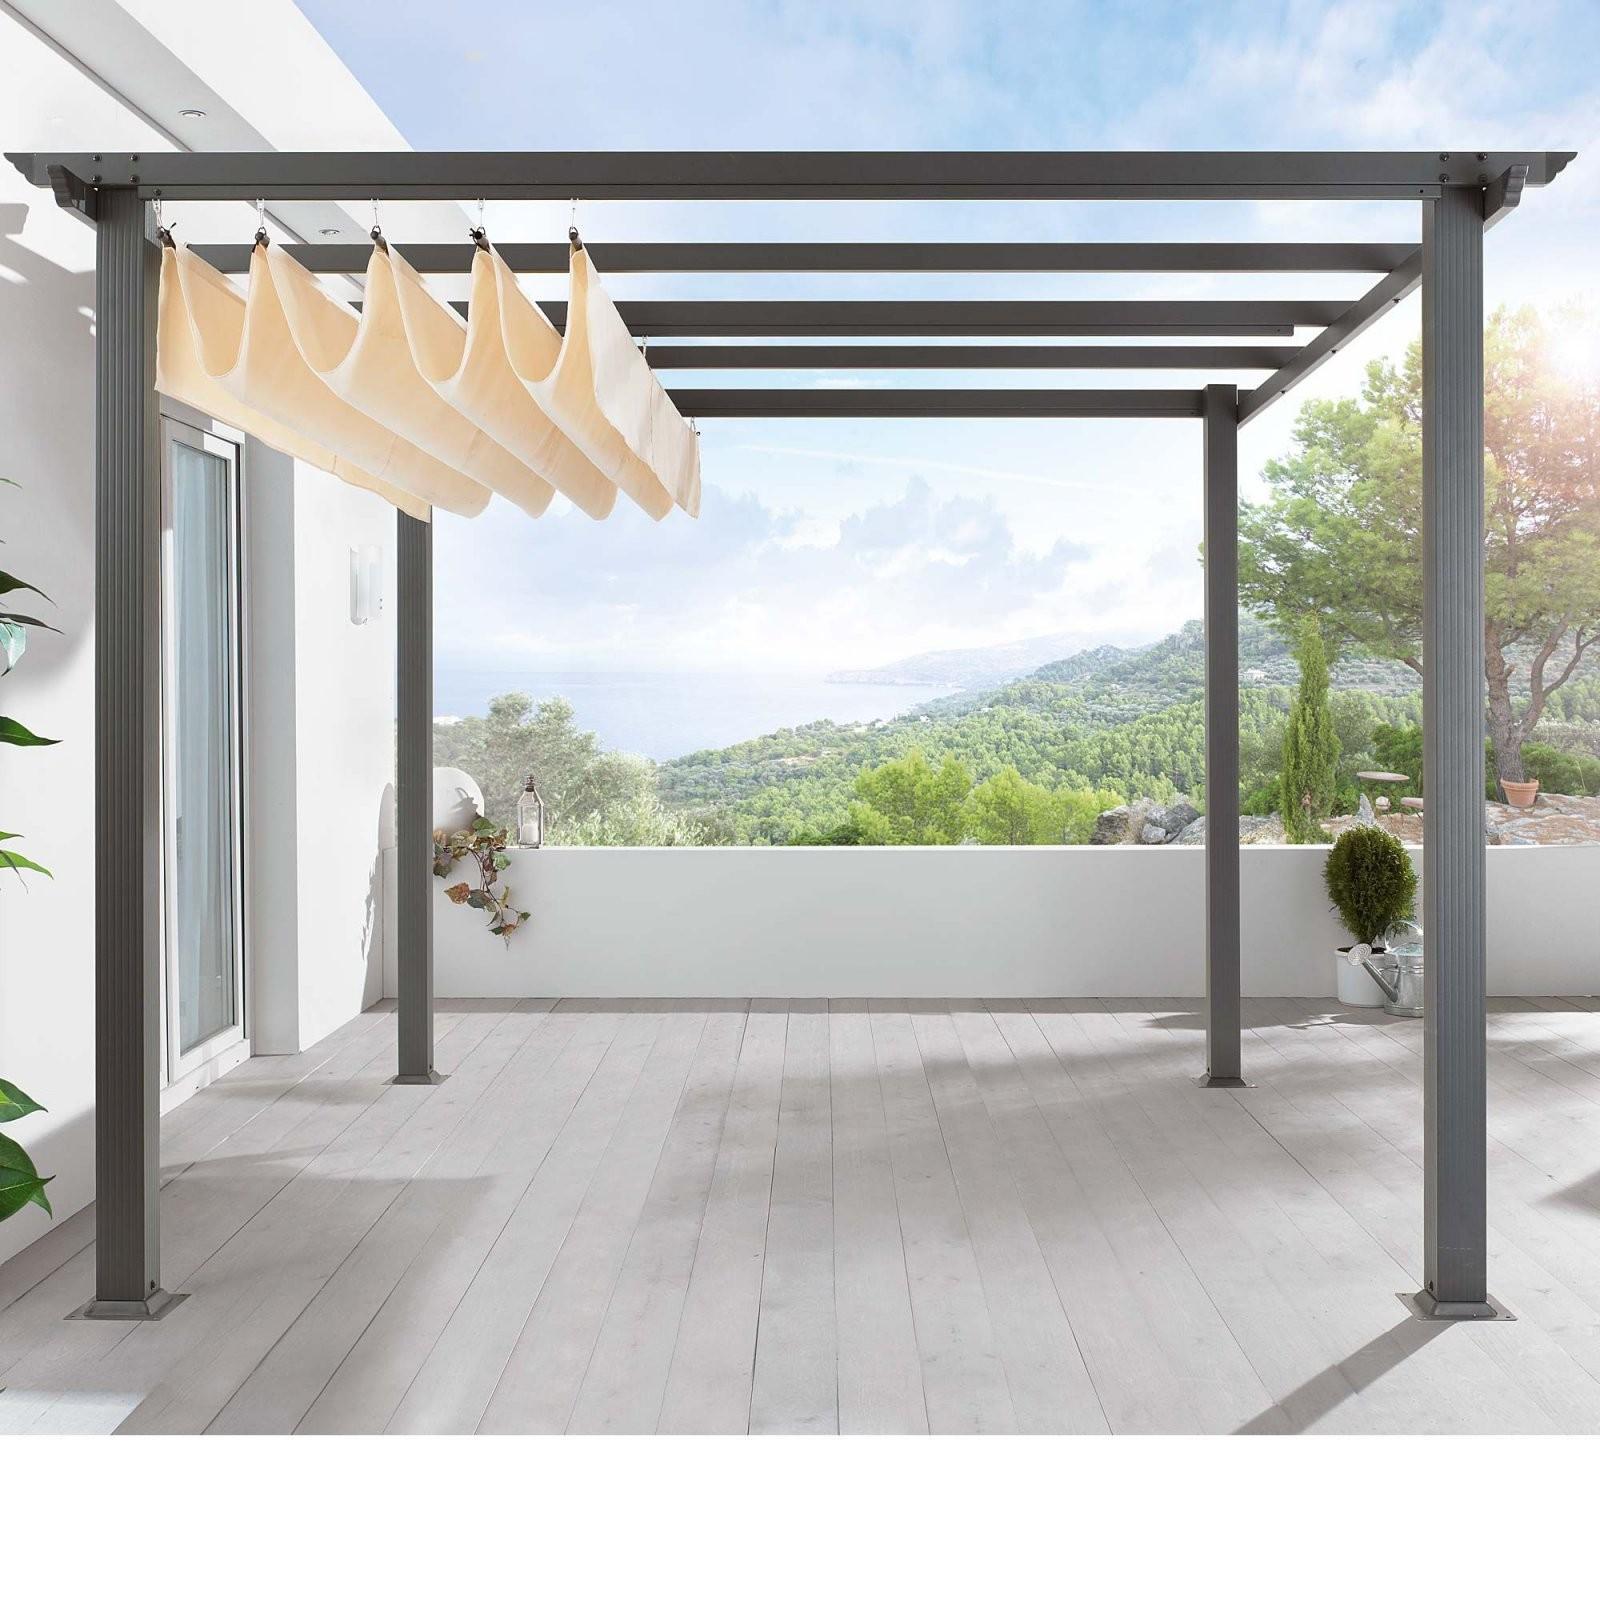 Pergola  Tutorium Entwurf  Moderne Pergola Sonnenschutz Garten von Sonnenschutz Pavillon Mit Faltdach Bild